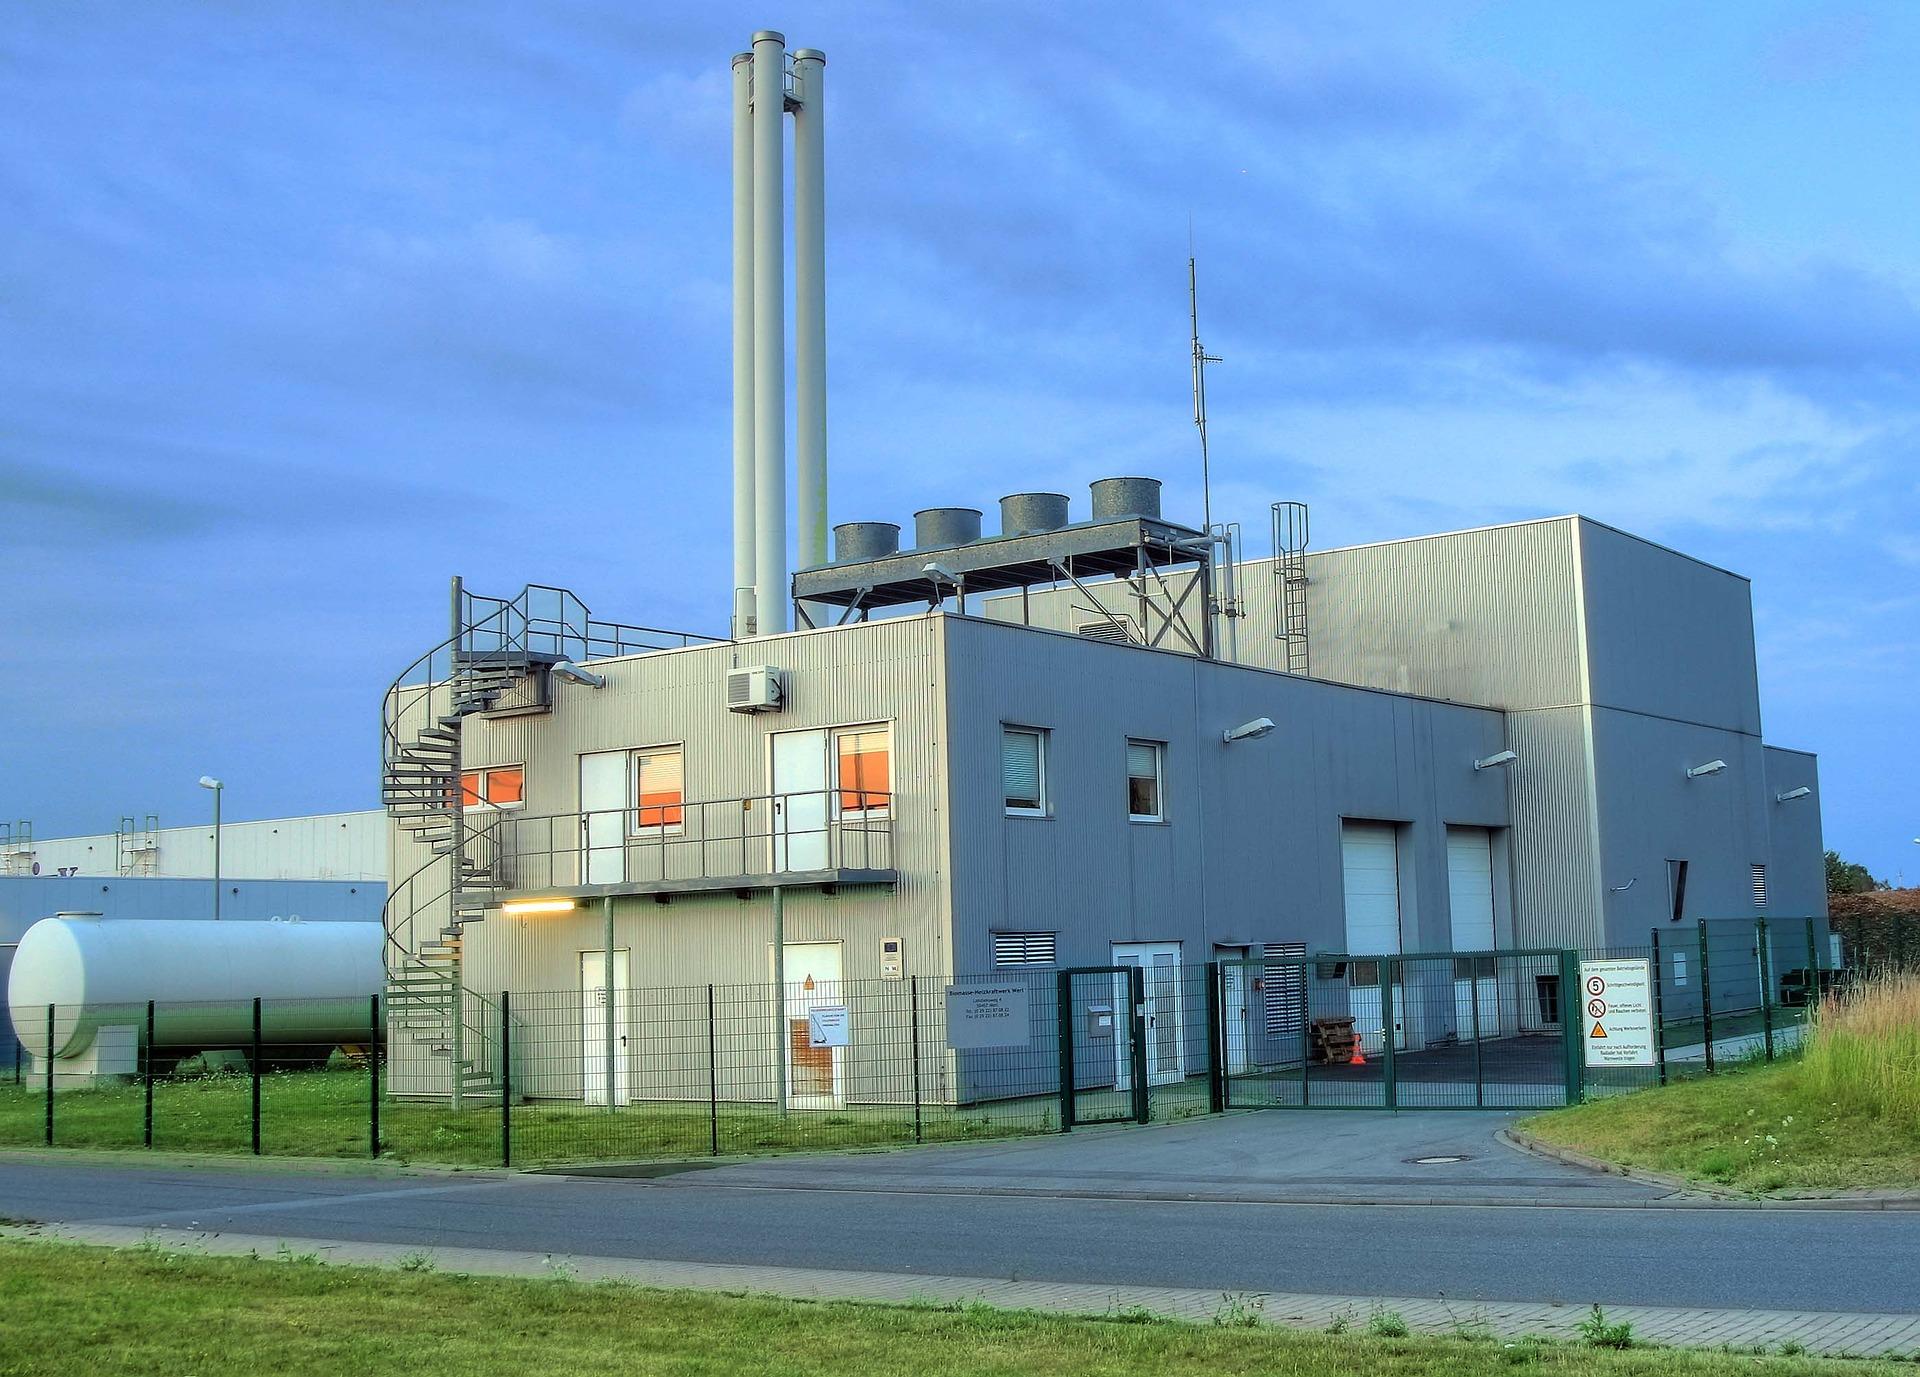 Tavaly 3,5 millió tonnára nőtt az energetikai célú biomassza-felhasználás